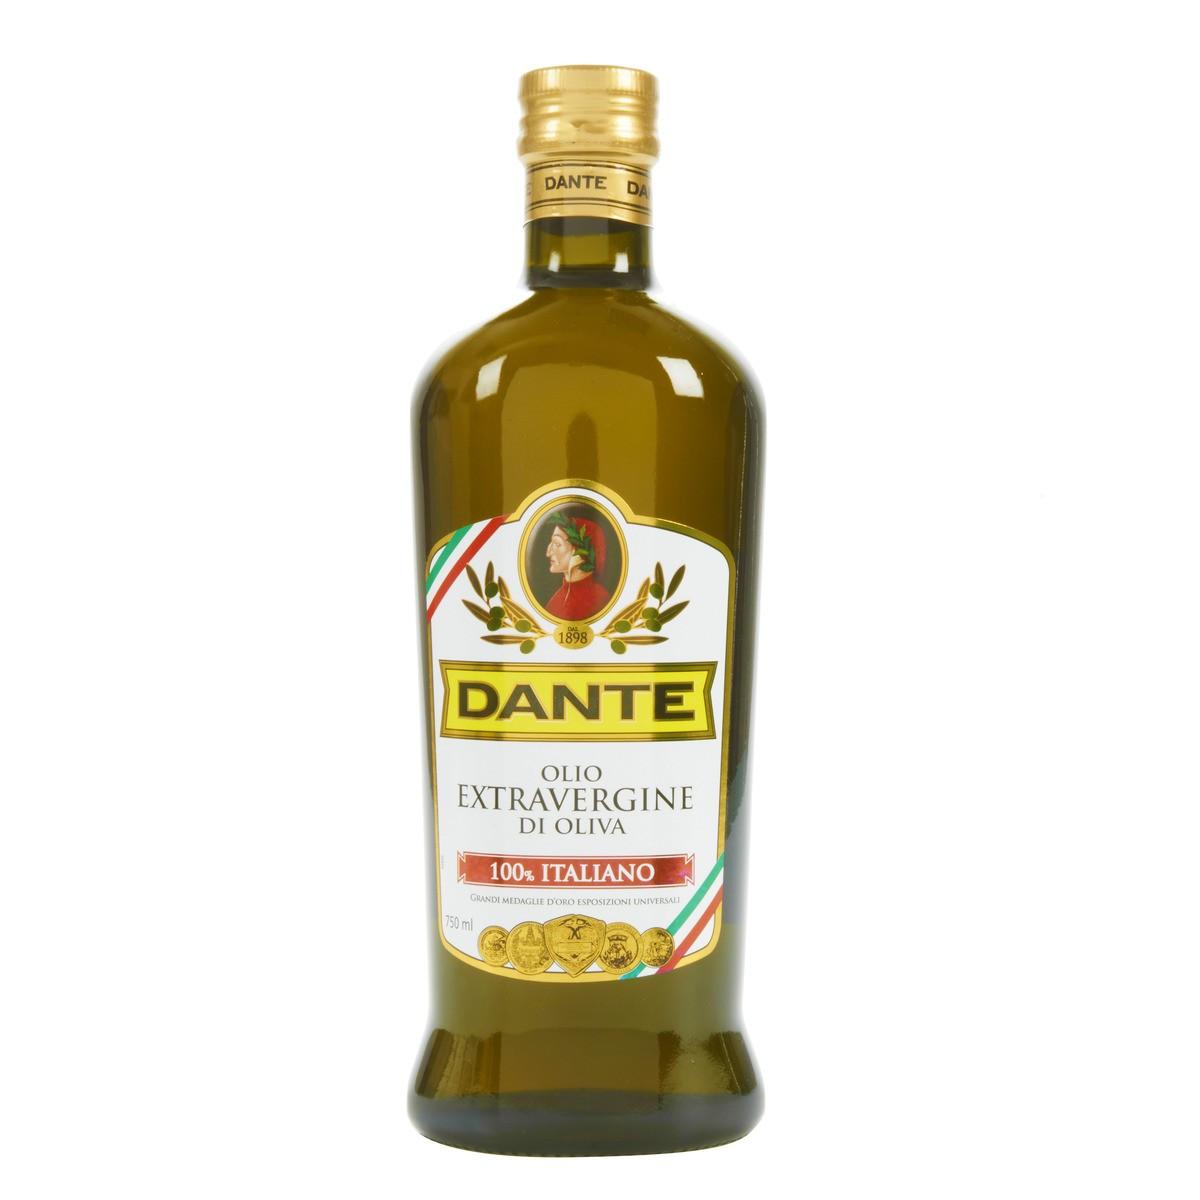 Dante Olio extravergina di oliva